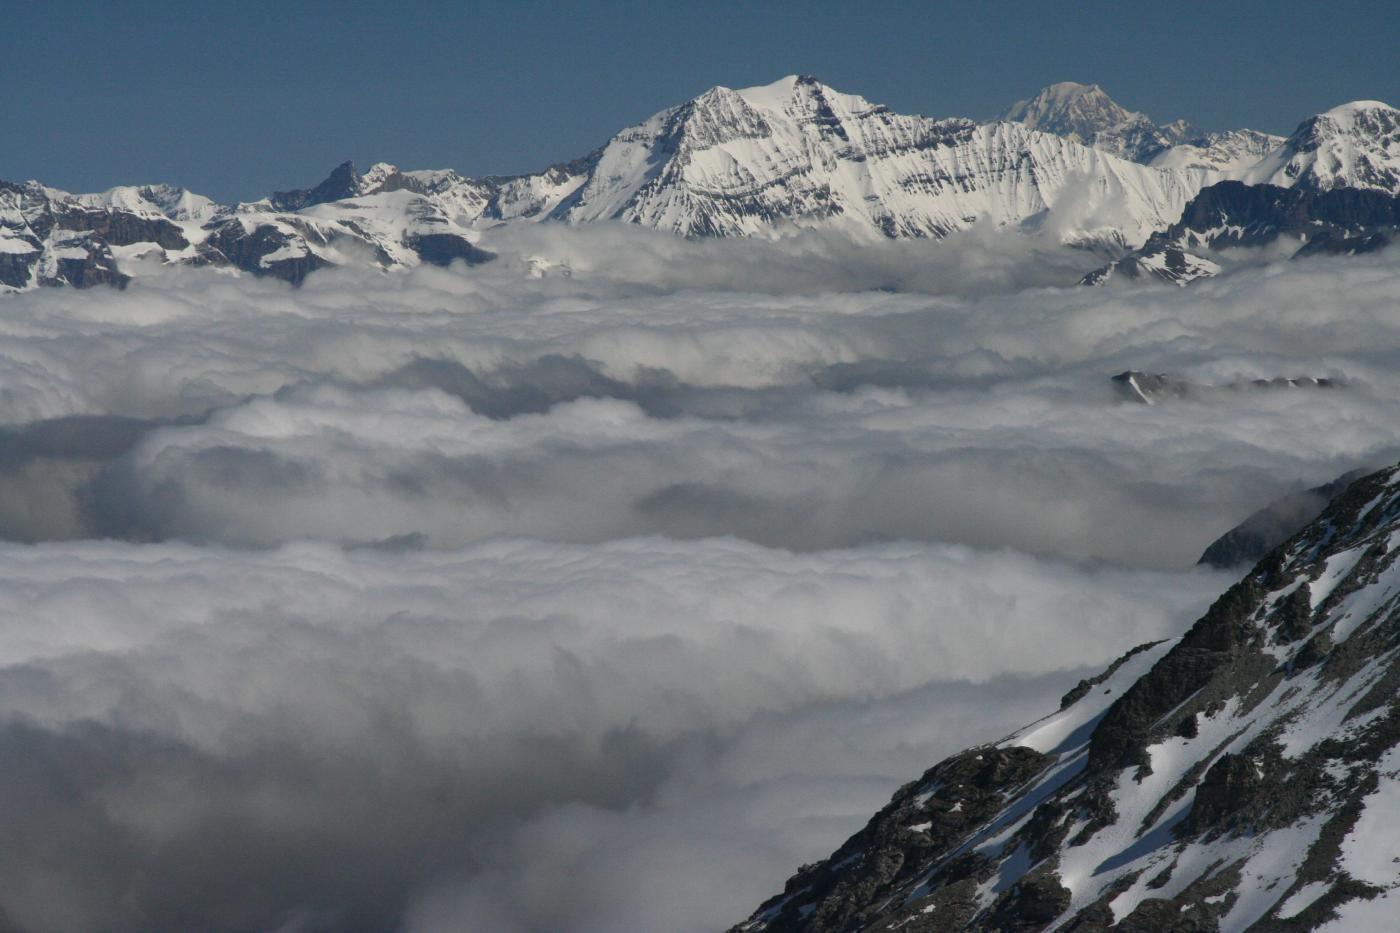 Gran Casse e nonno Mte Bianco sopra le nebbie